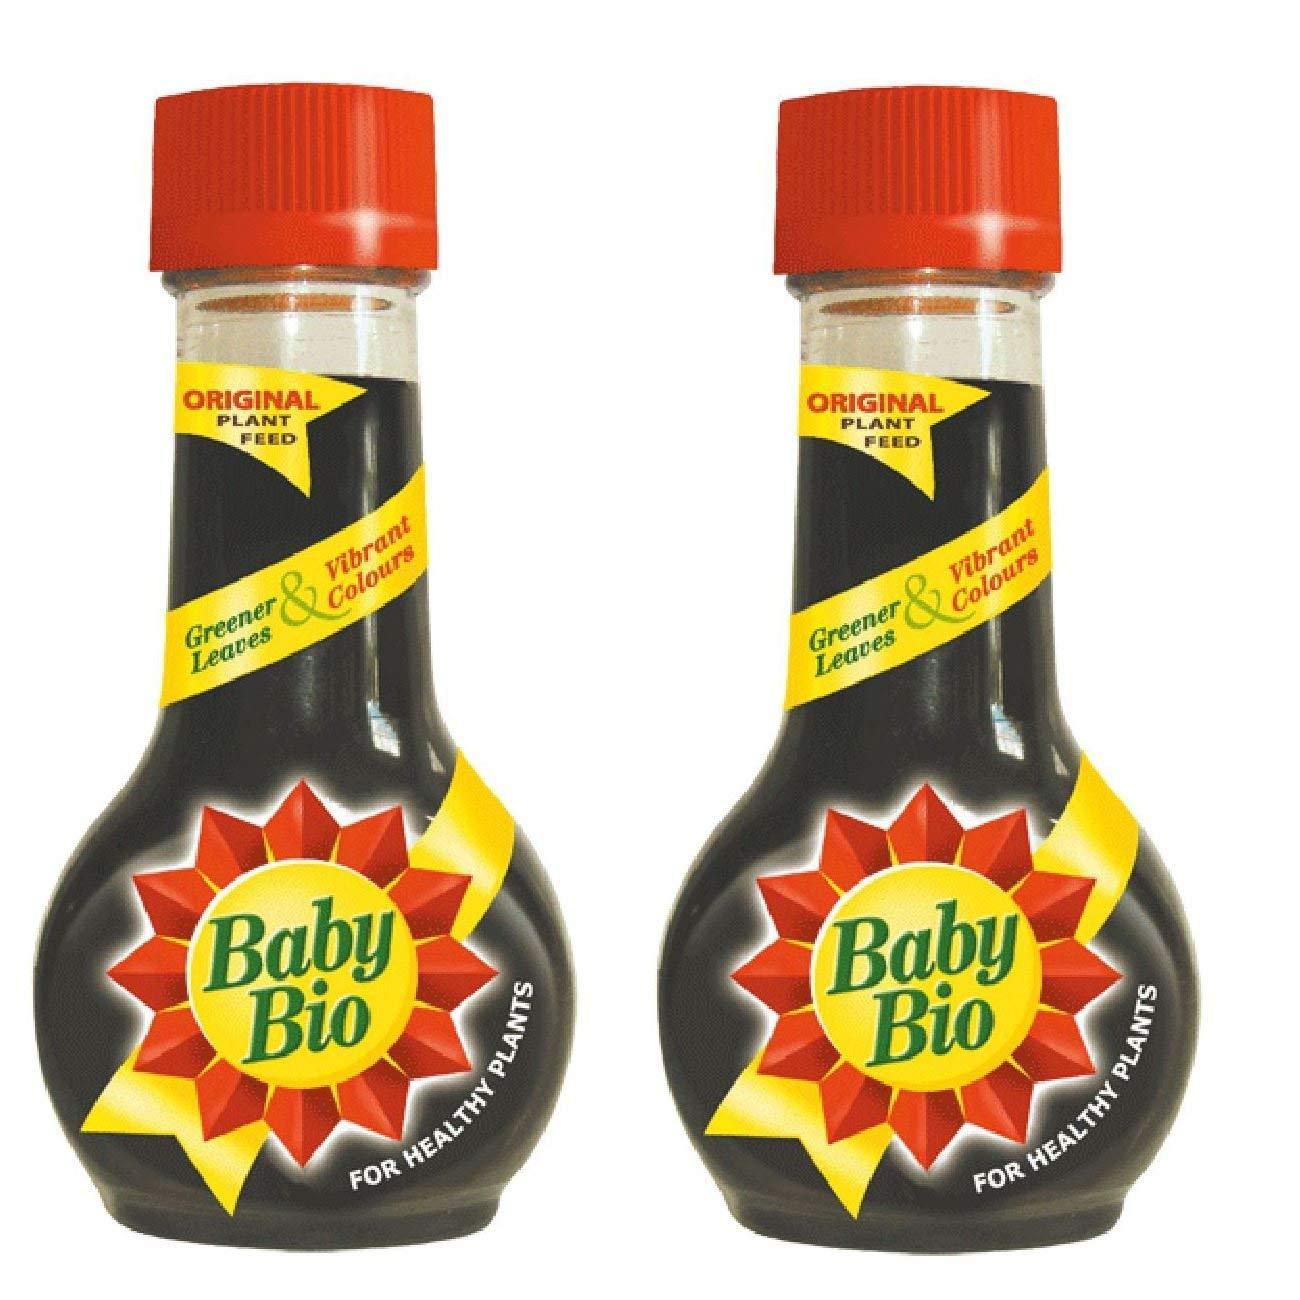 2 X Baby Bio Original House Plant Food Feed Fertilizer 175ml bayer